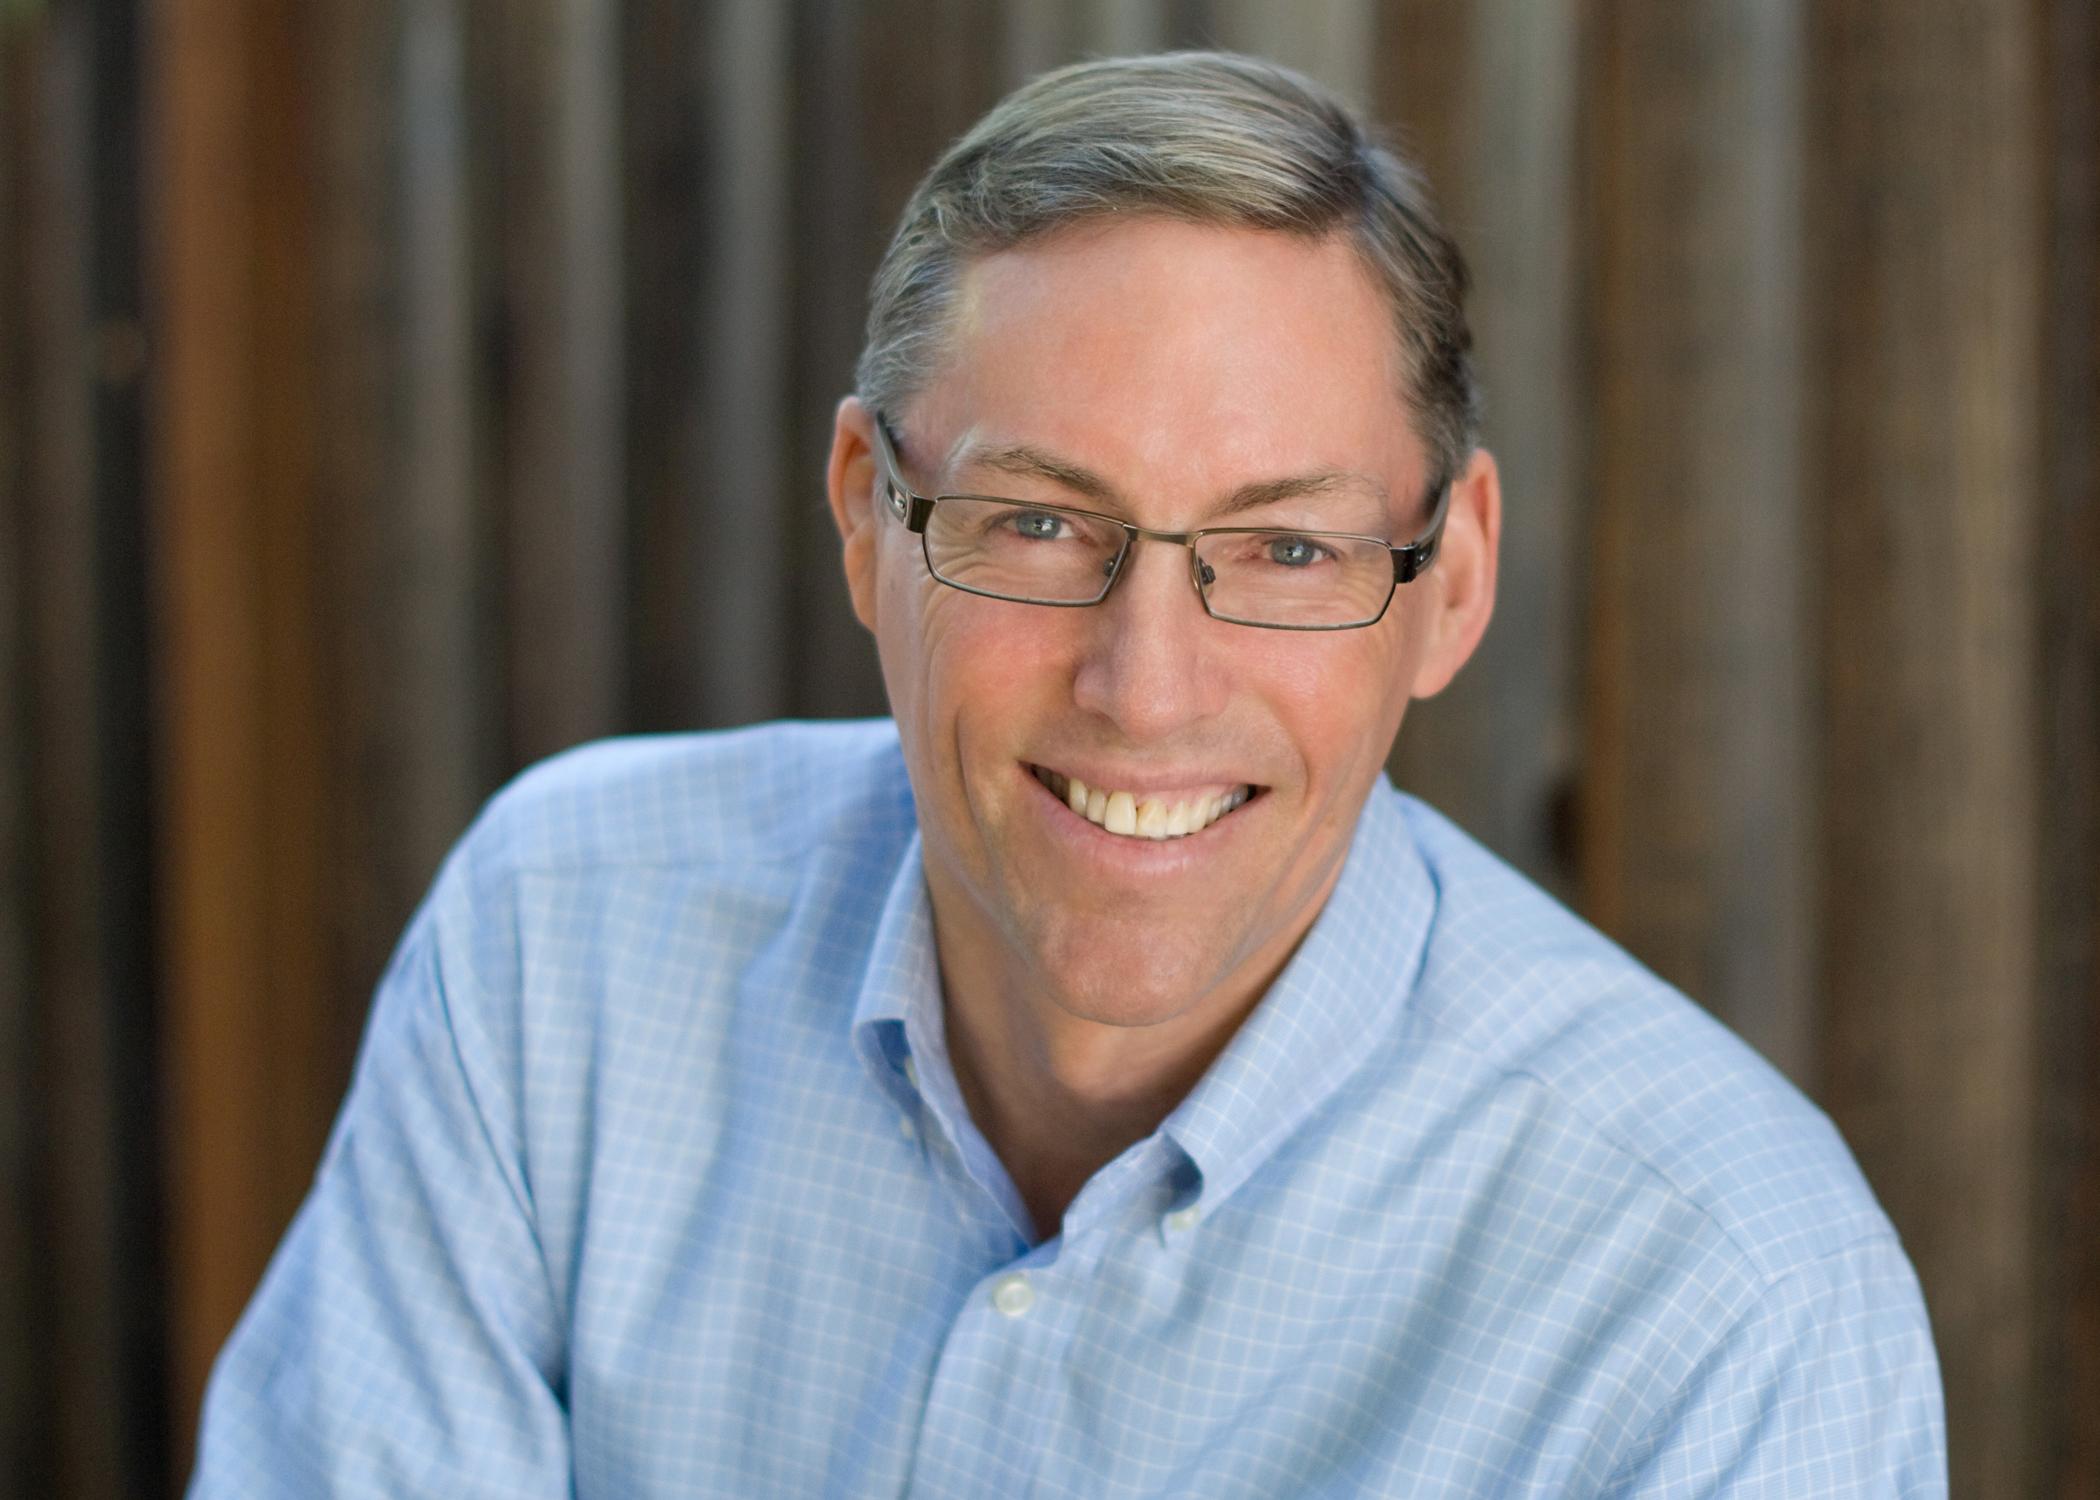 Paul McGhee